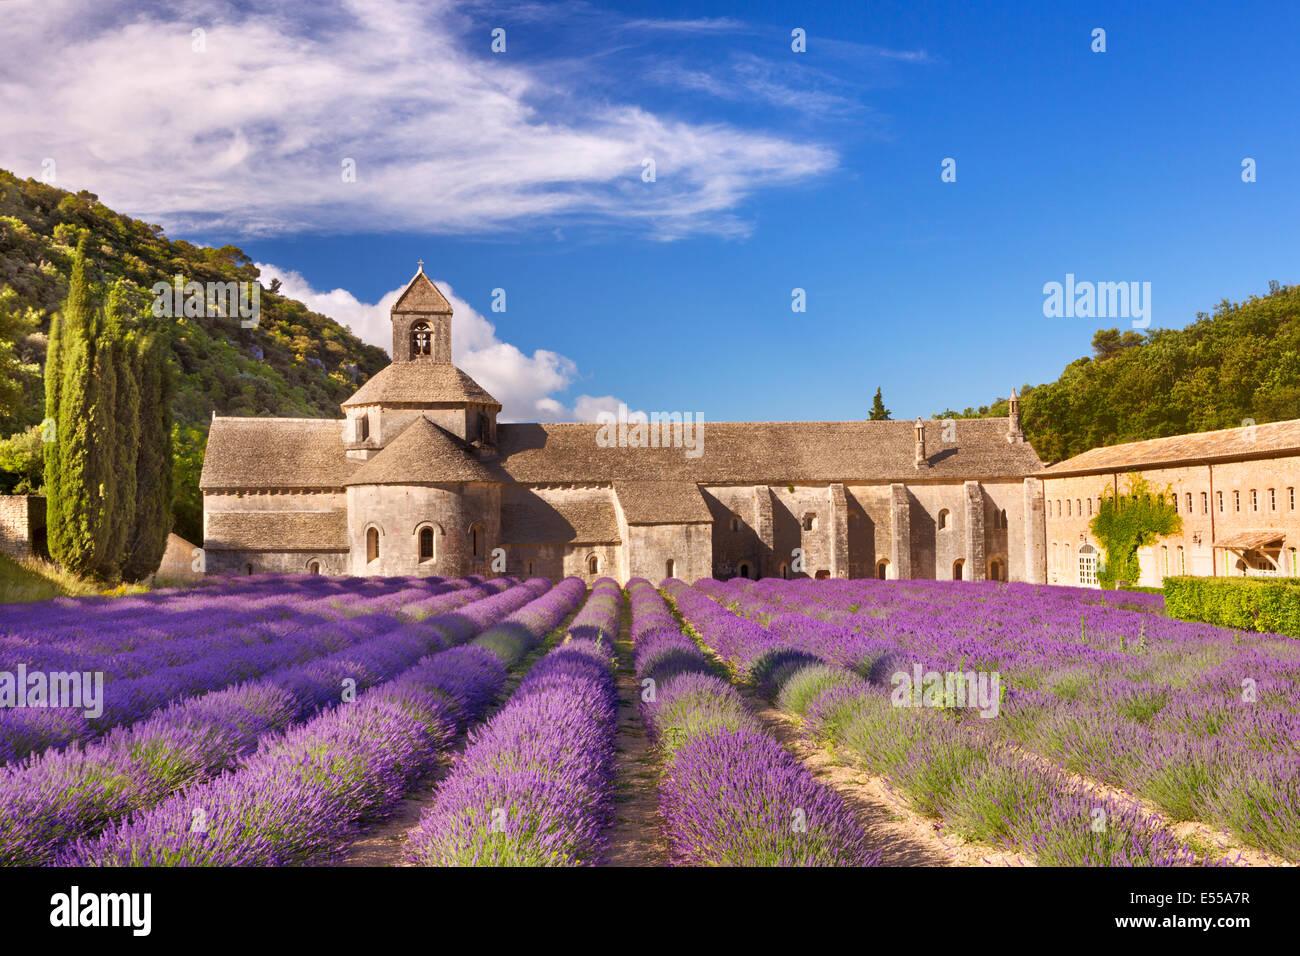 L'Abbaye de Senanque in Provenza, in Francia con la lavanda in fiore Immagini Stock